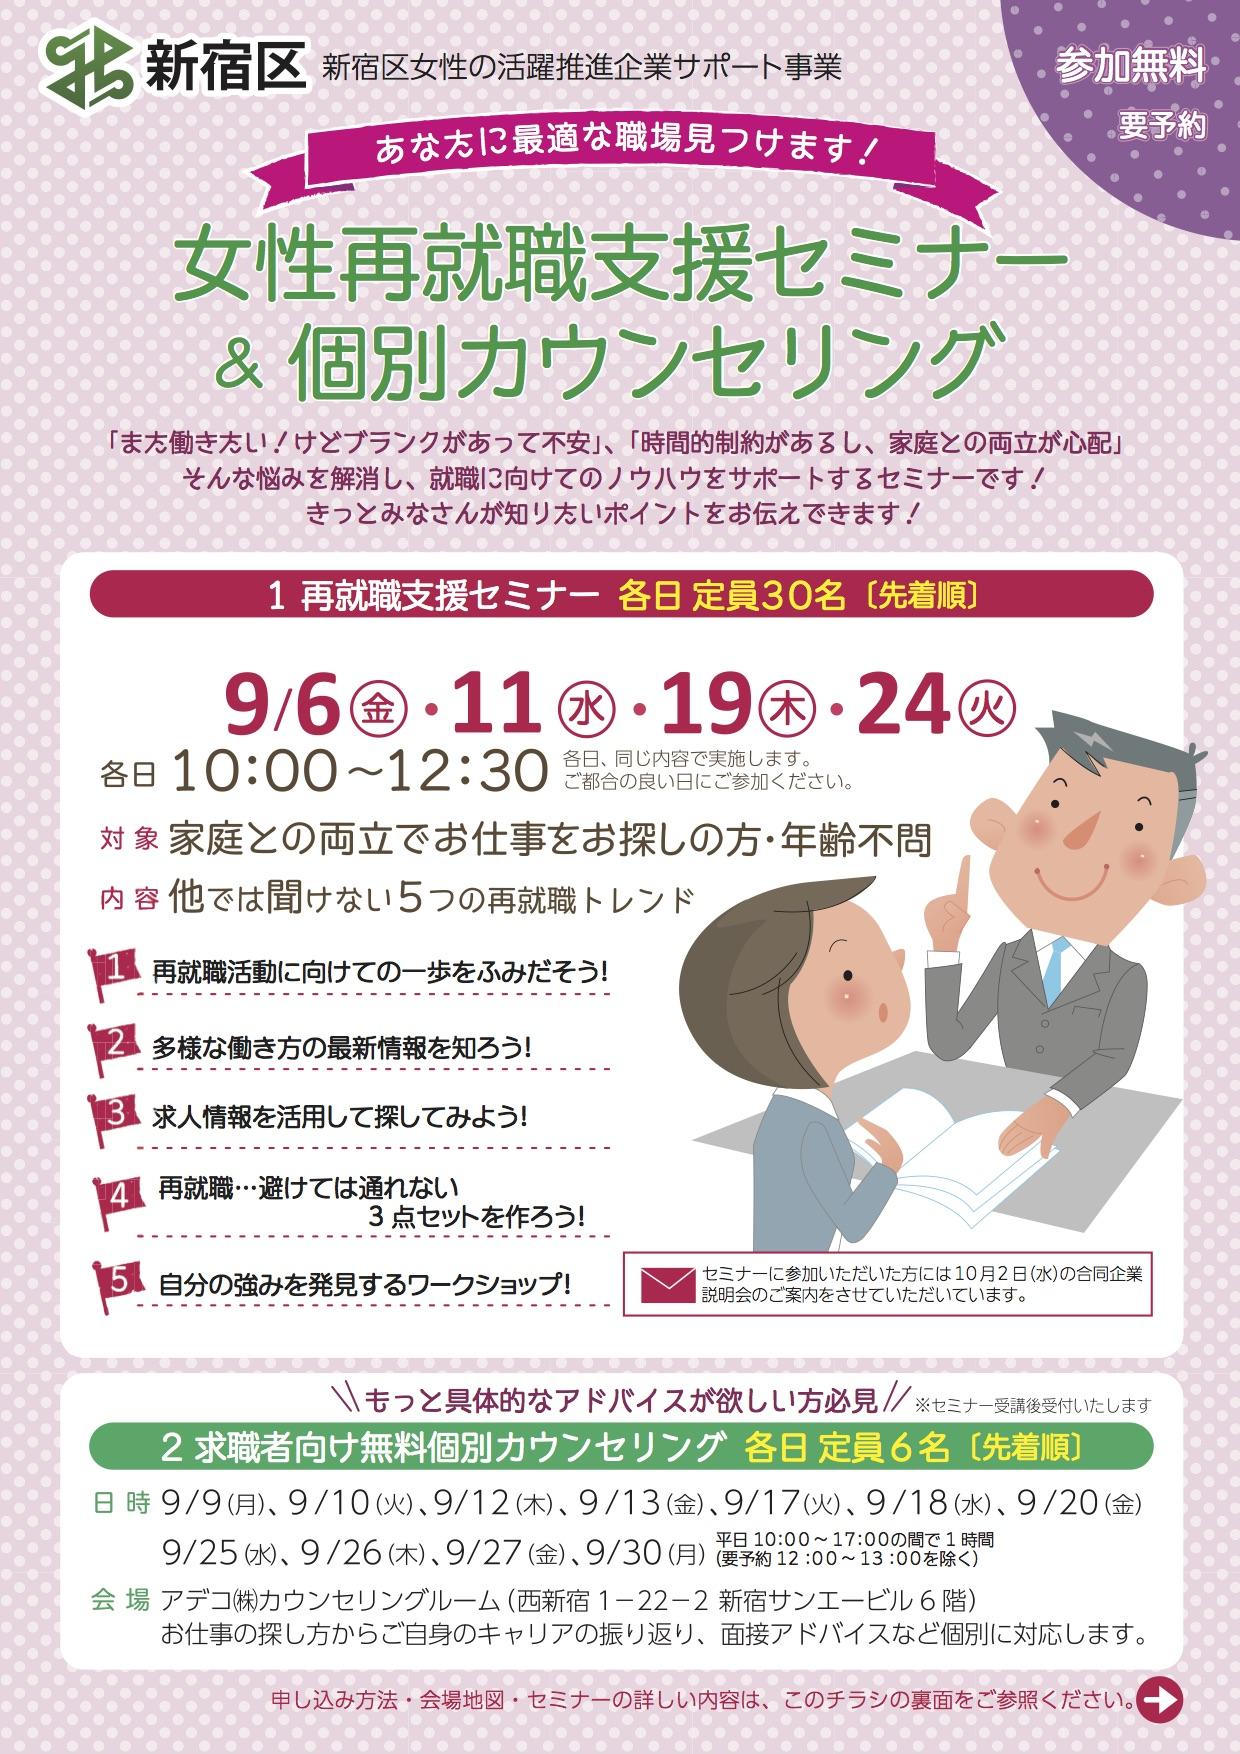 女性再就職支援セミナー&個別カウンセリング | イベント,キャリア ...